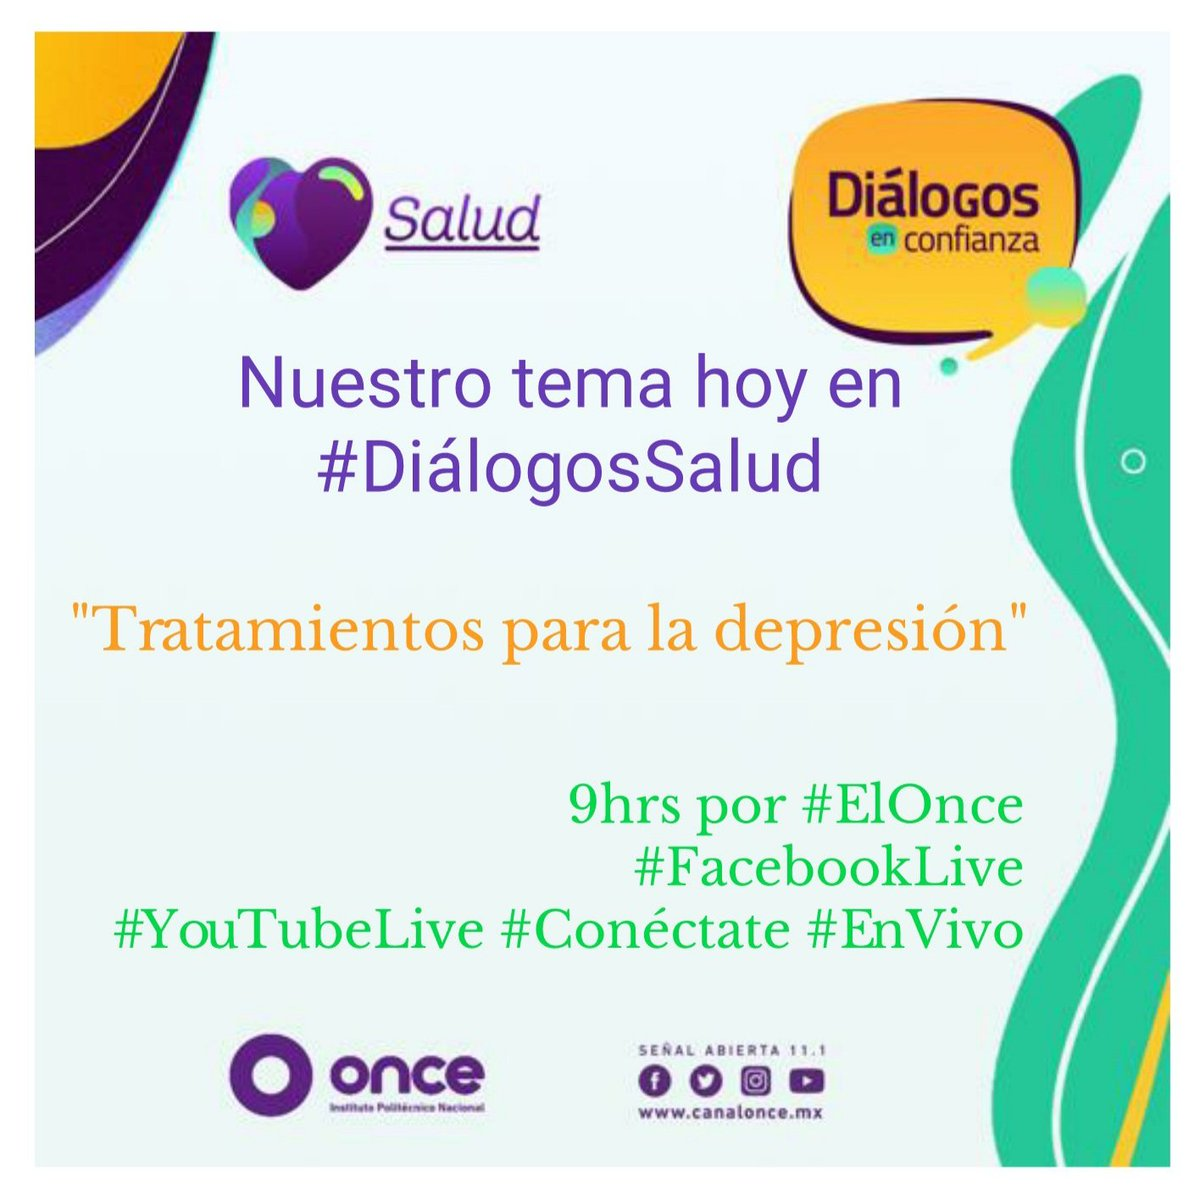 Según la OMS, la depresión es una de las principales causas de discapacidad  📌 #Conéctate 📲 hoy y conoce los tratamientos para recibir atención oportuna 9hrs   ✅ #YouTubeLive   ✅ #FacebookLive   ✅ #Blog